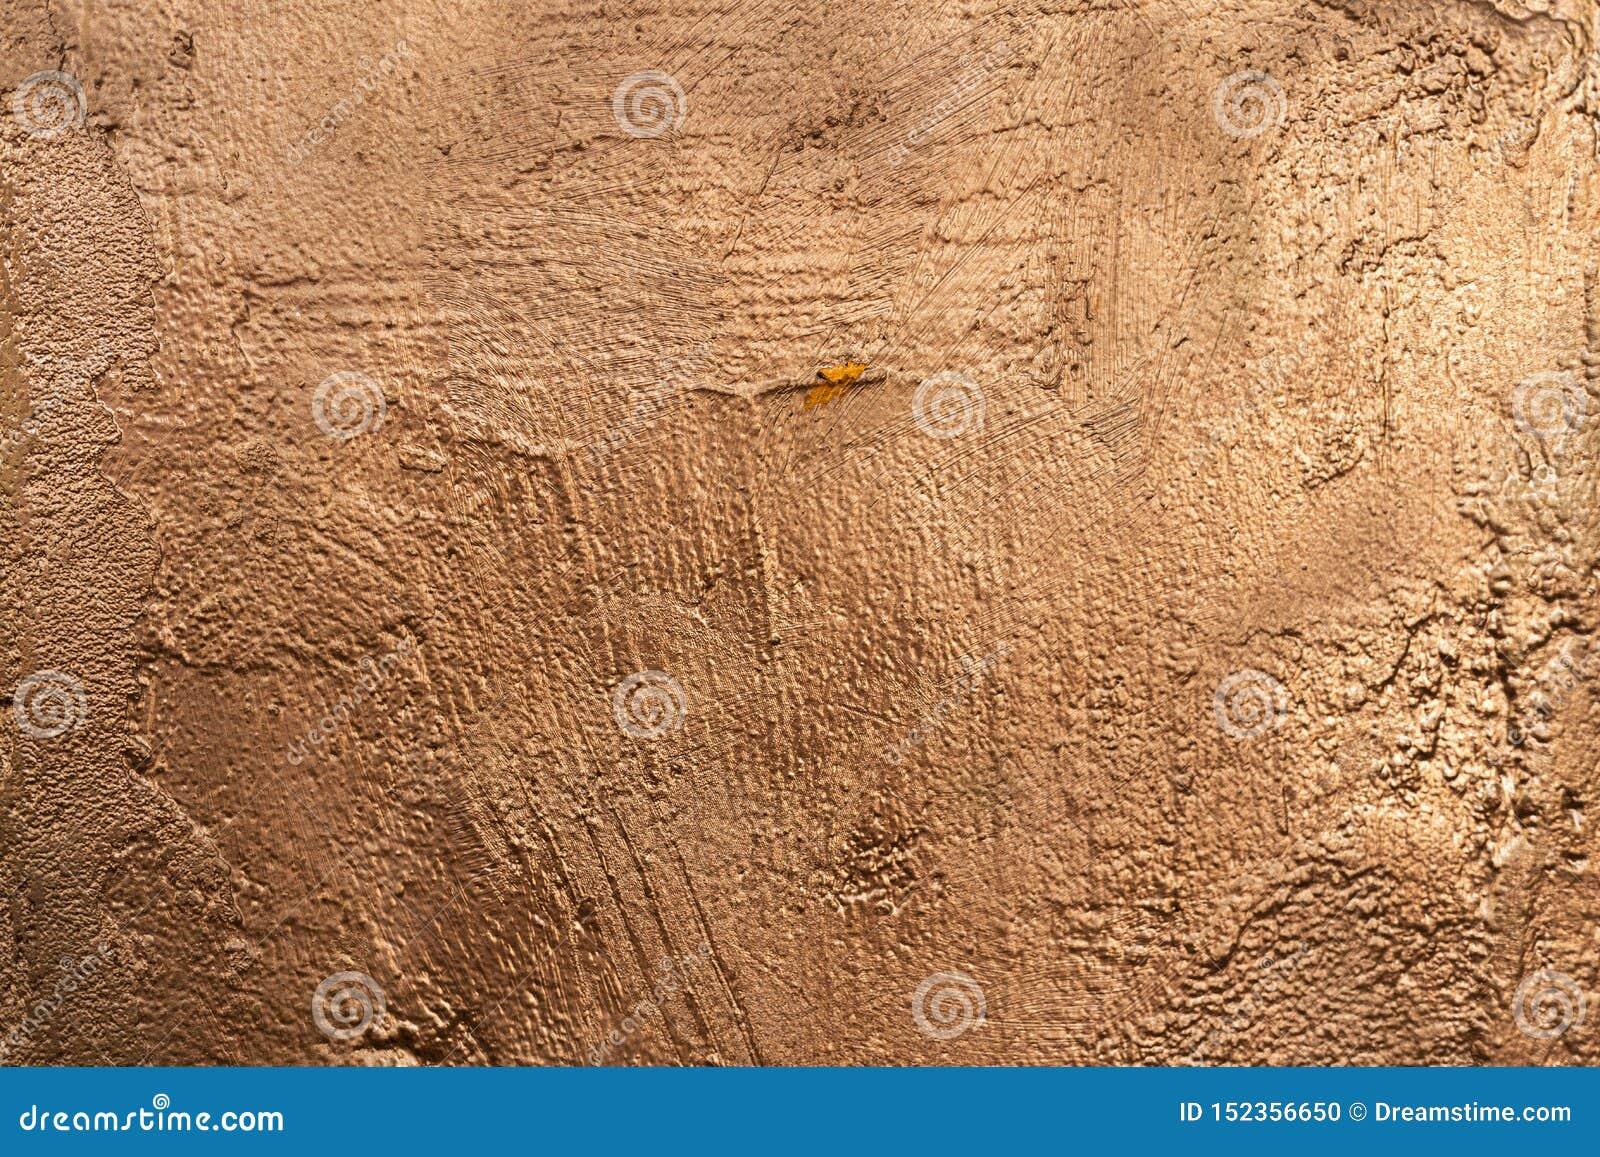 Χρωματισμένη πέτρα σύσταση εξωτερικό-1 χαλκού